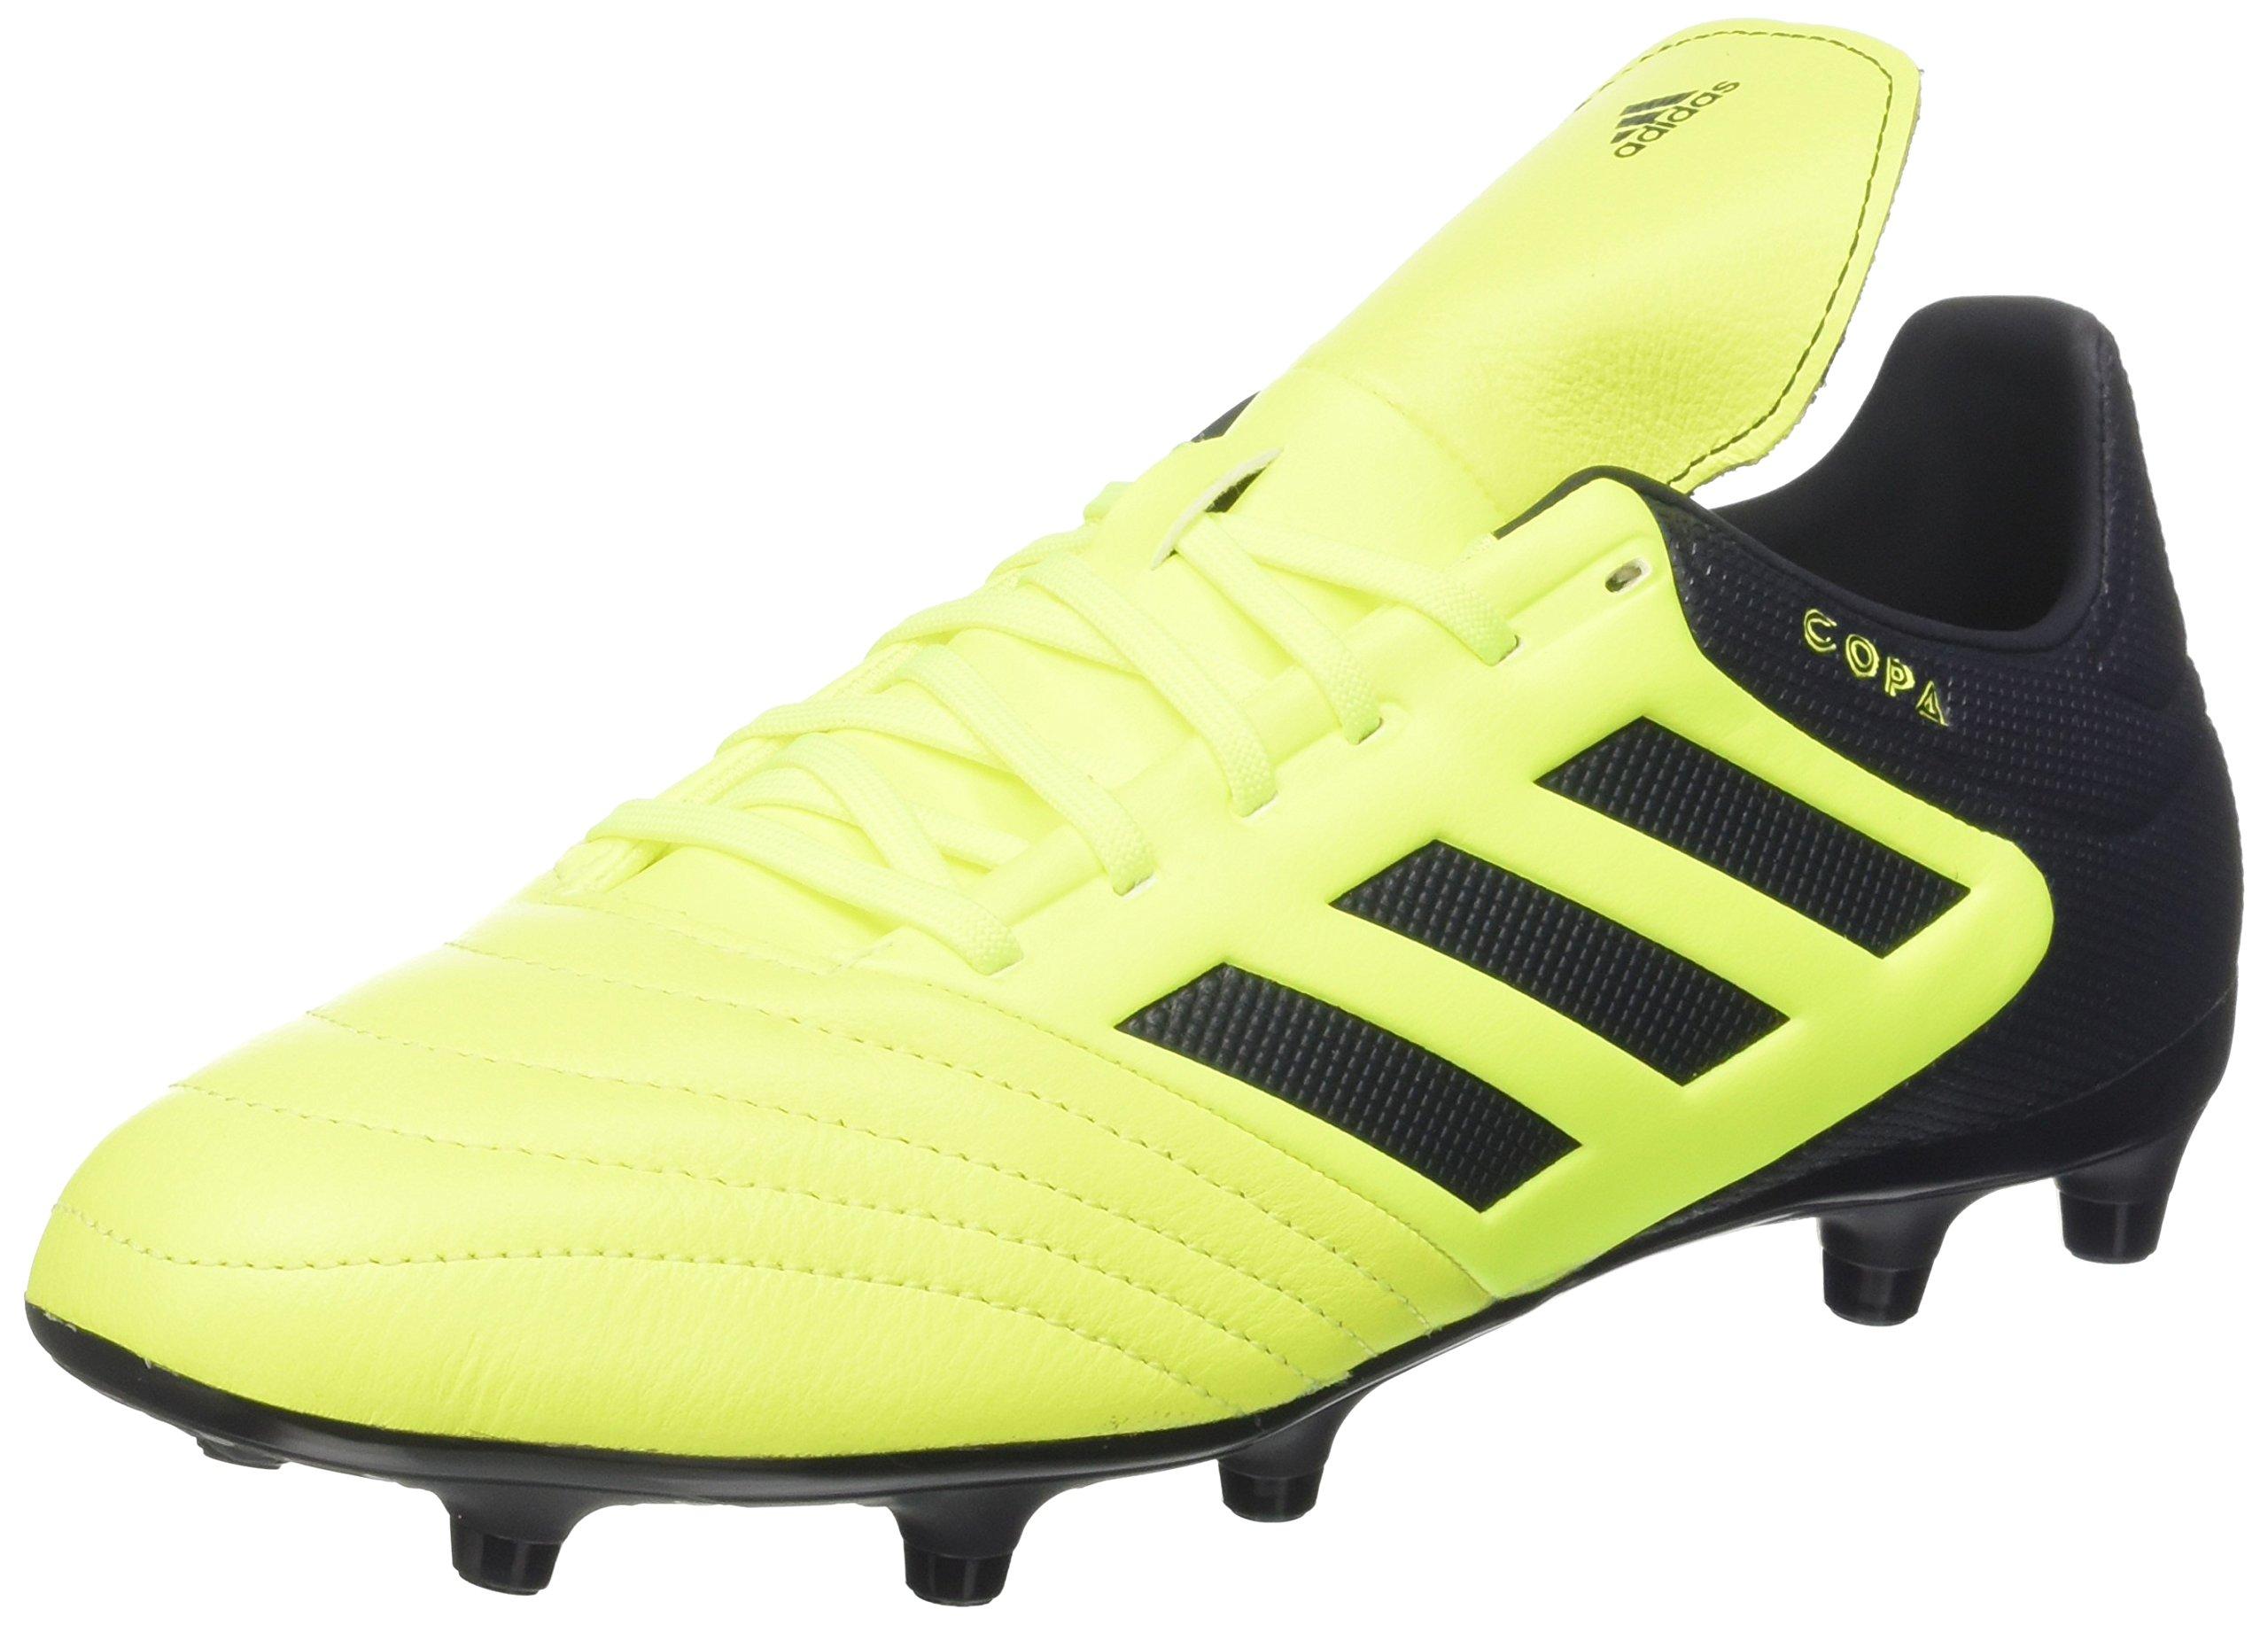 quality design 169bd 2d699 adidas Copa 17.3 Fg, Scarpe da Calcio Uomo product image